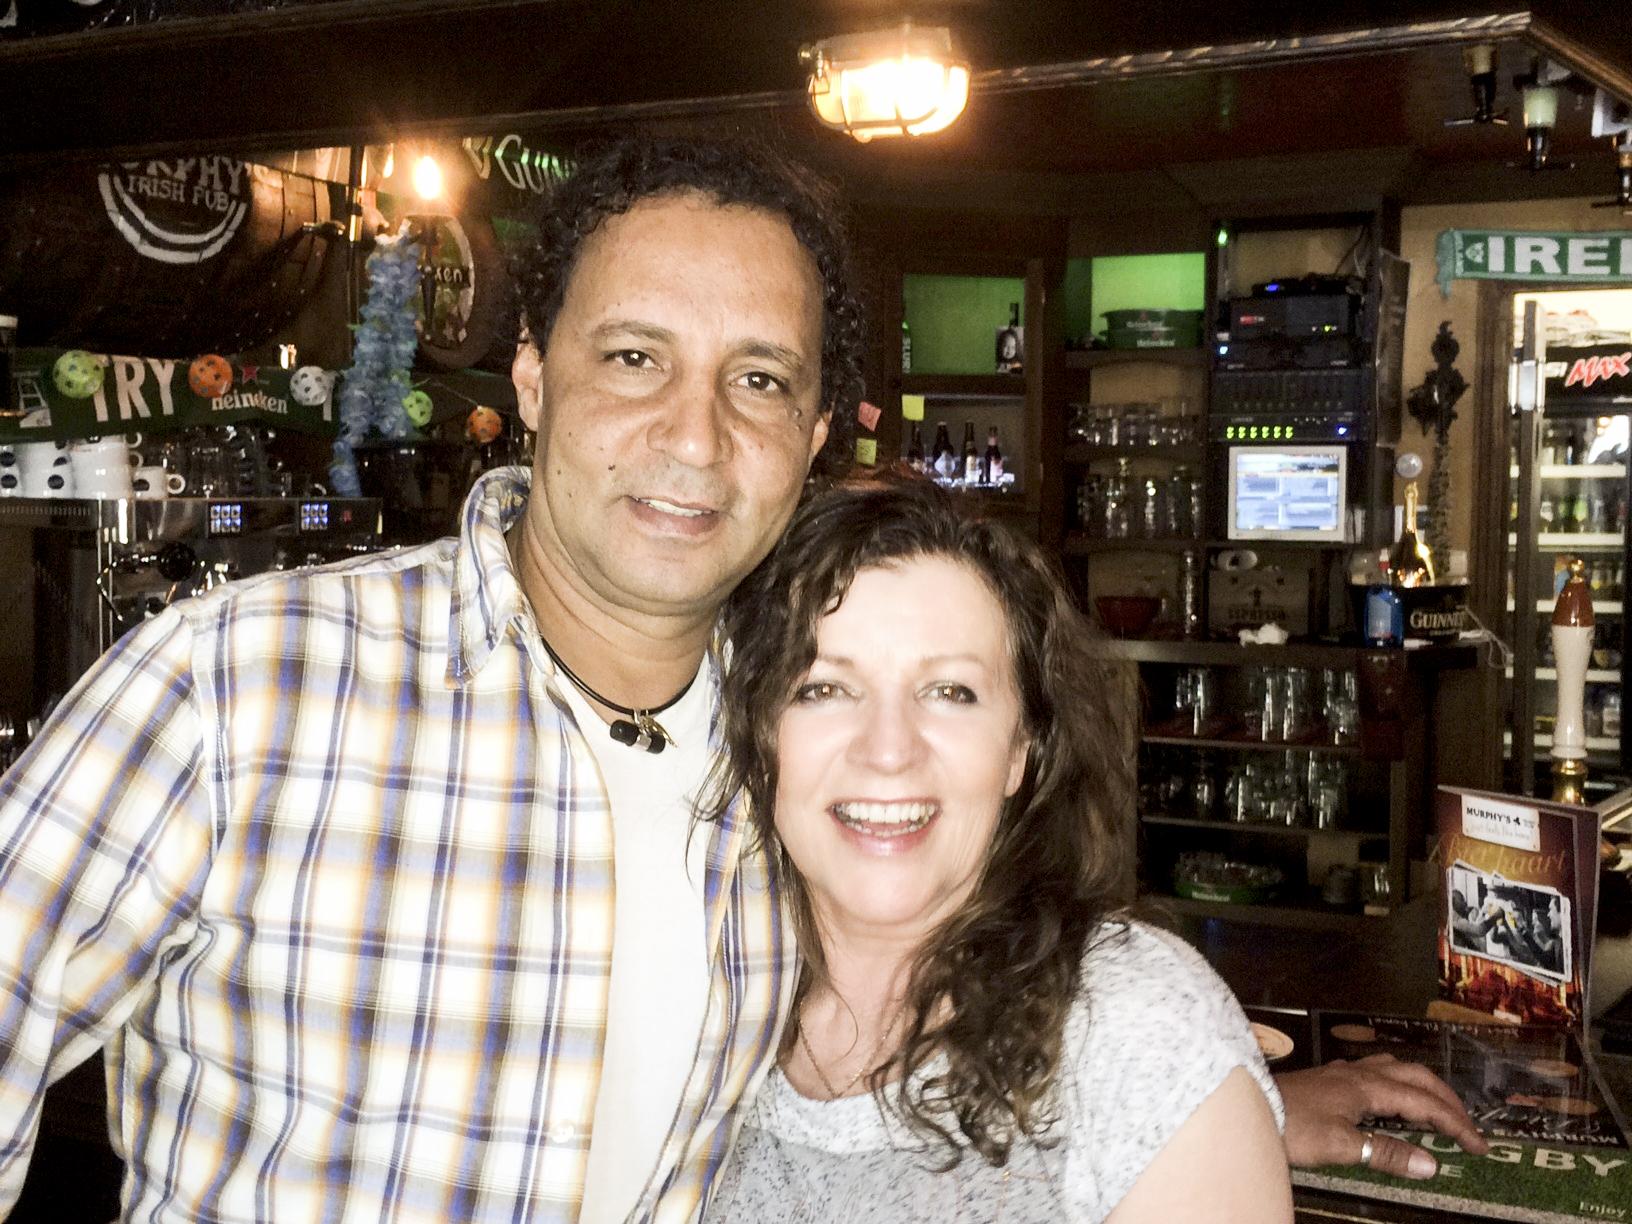 Eigenaars Assad en Phyllis van Irish Pub Murphy's-Nijverdal, Markt 3